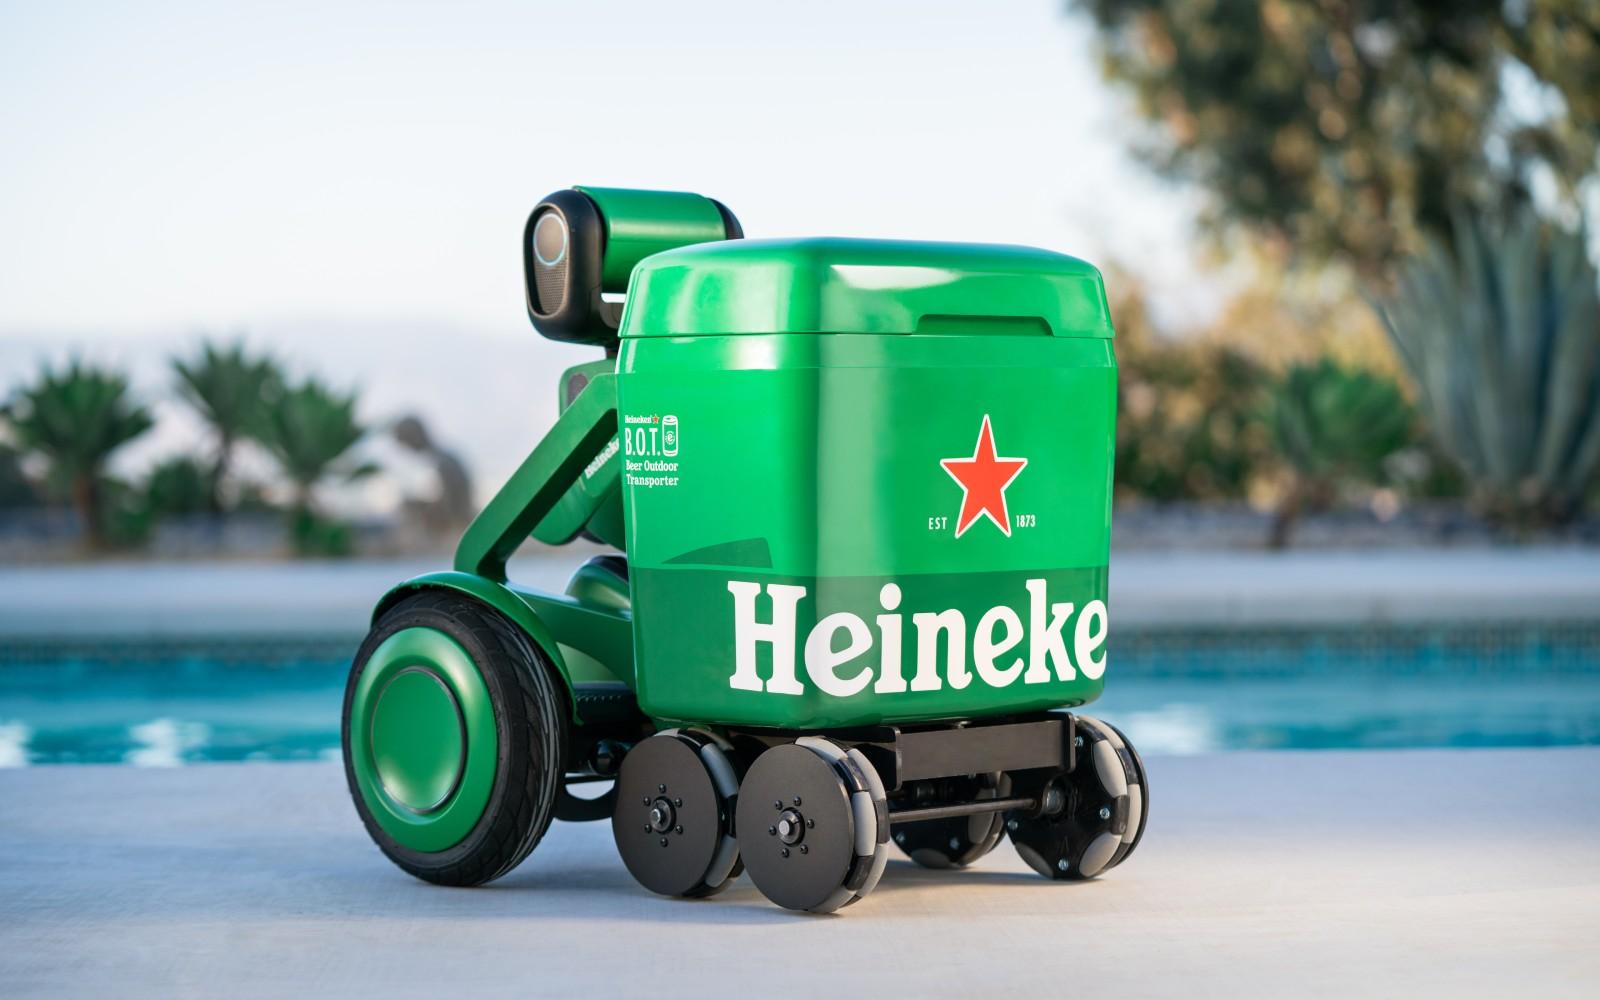 Heineken made a cute but garish autonomous beer cooler